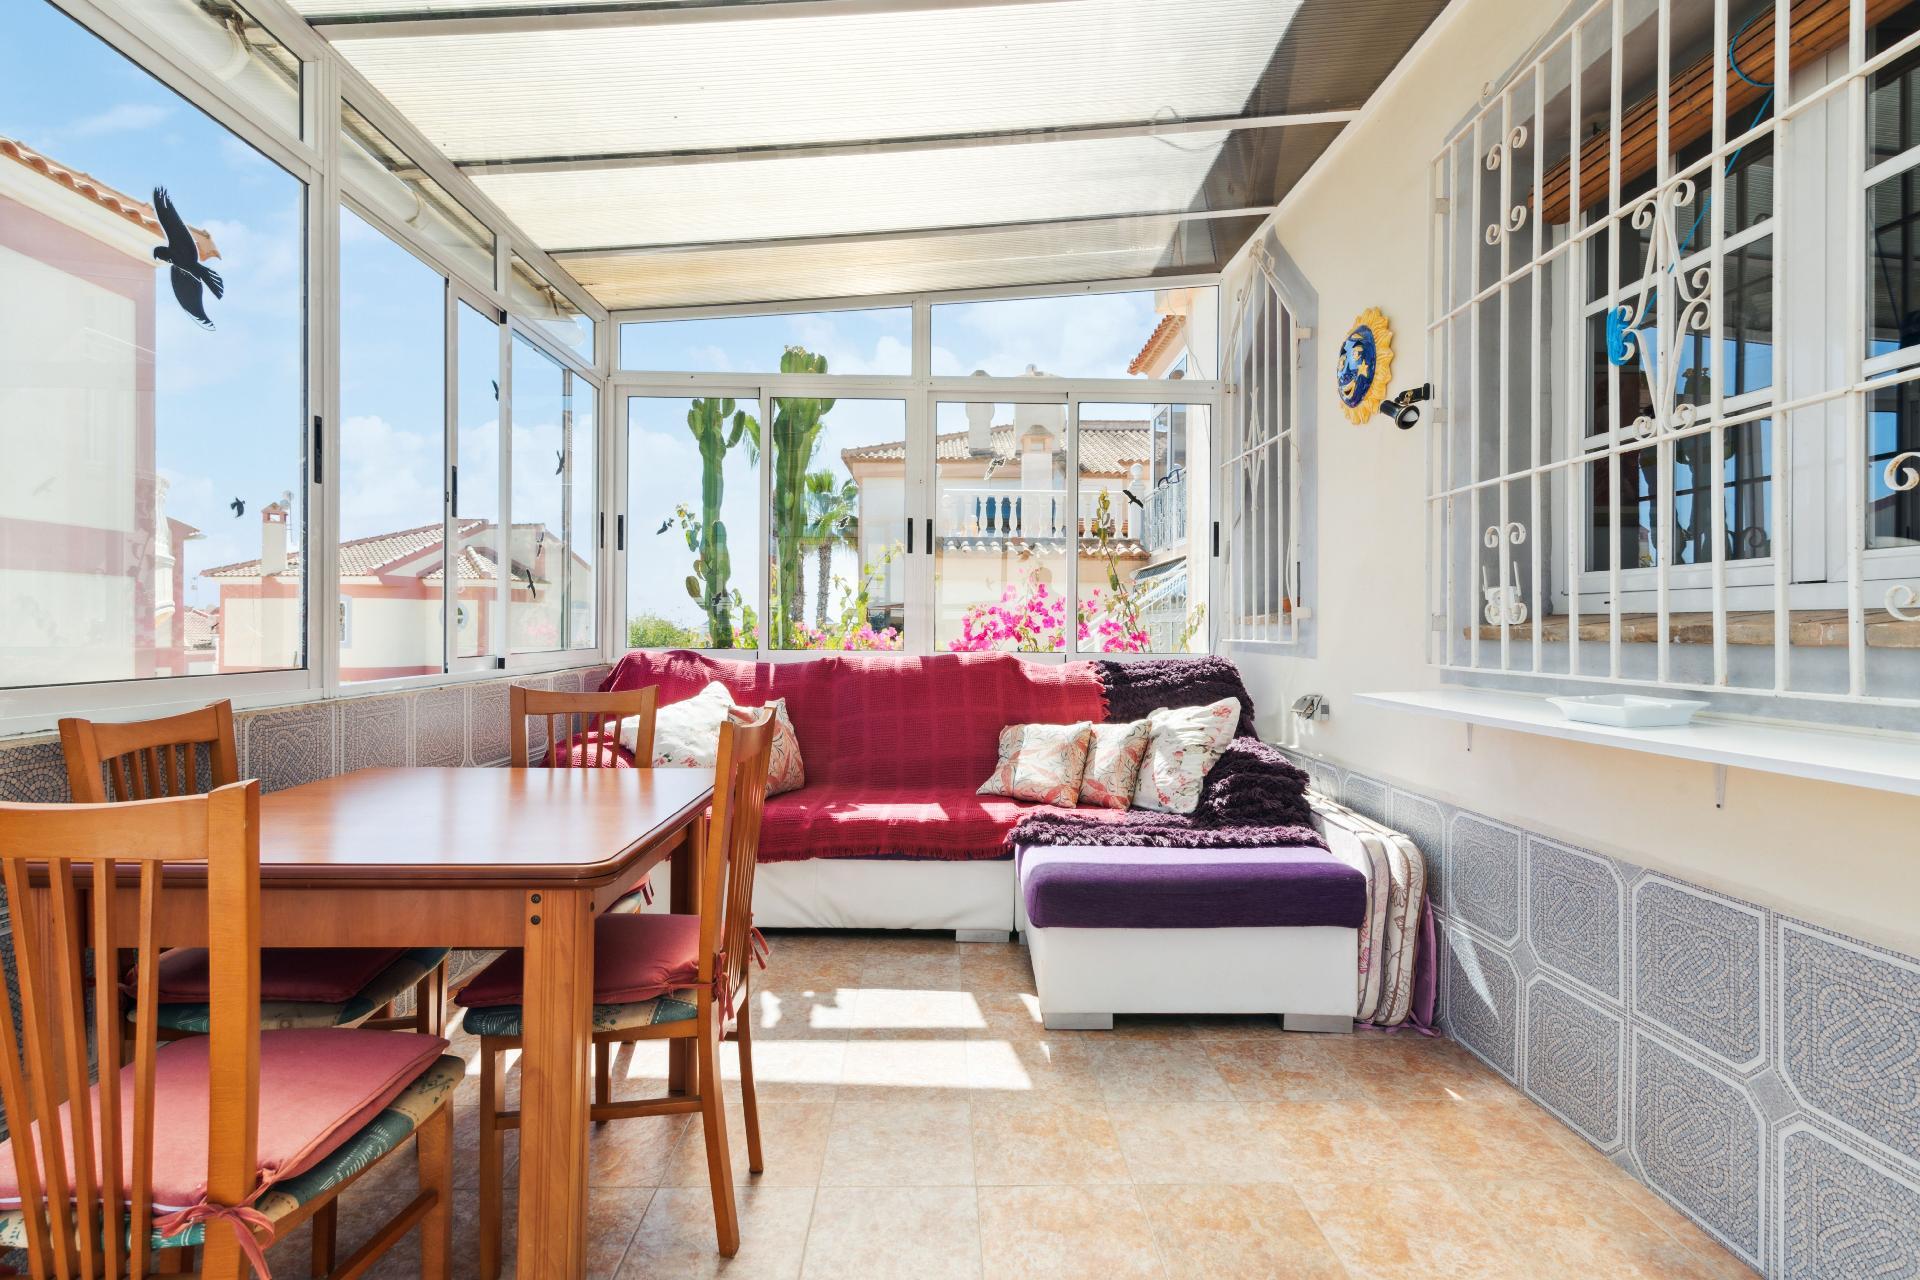 Ferienhaus für 4 Personen ca. 60 m² in T  in Spanien